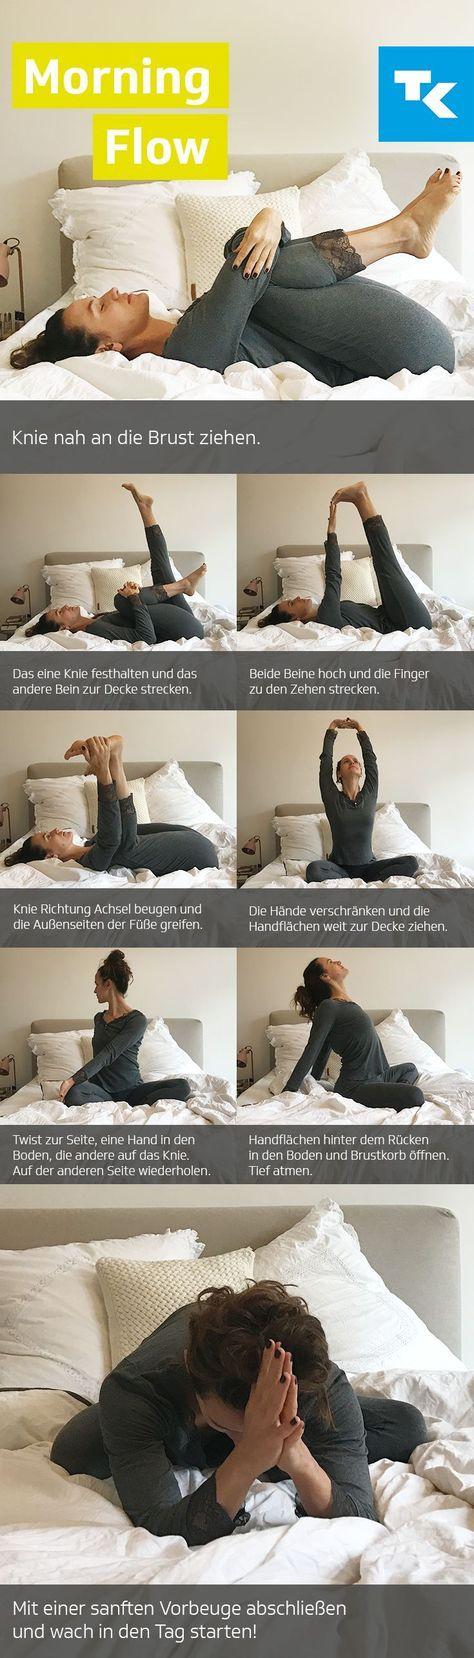 #Yoga in #Bett? Entspannter als mit unserem #MorningFlow kann ein Tag tatsächlich sein …   – Übungen